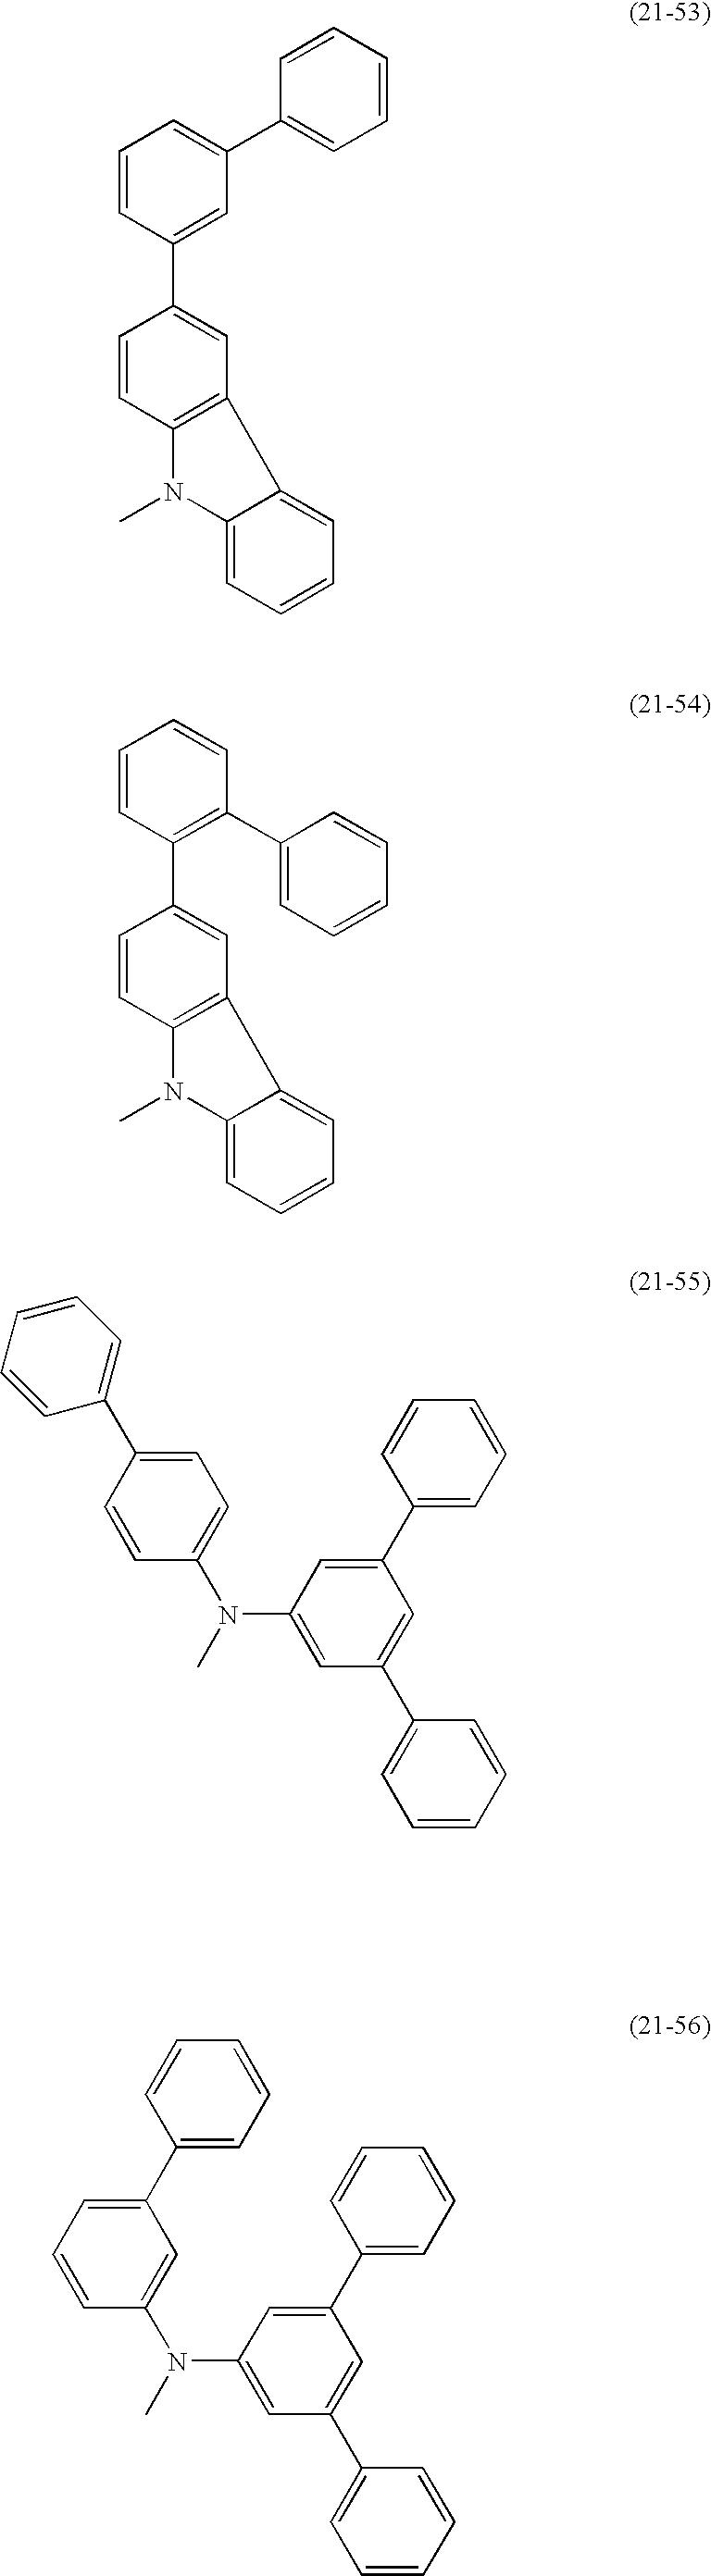 Figure US08178216-20120515-C00030